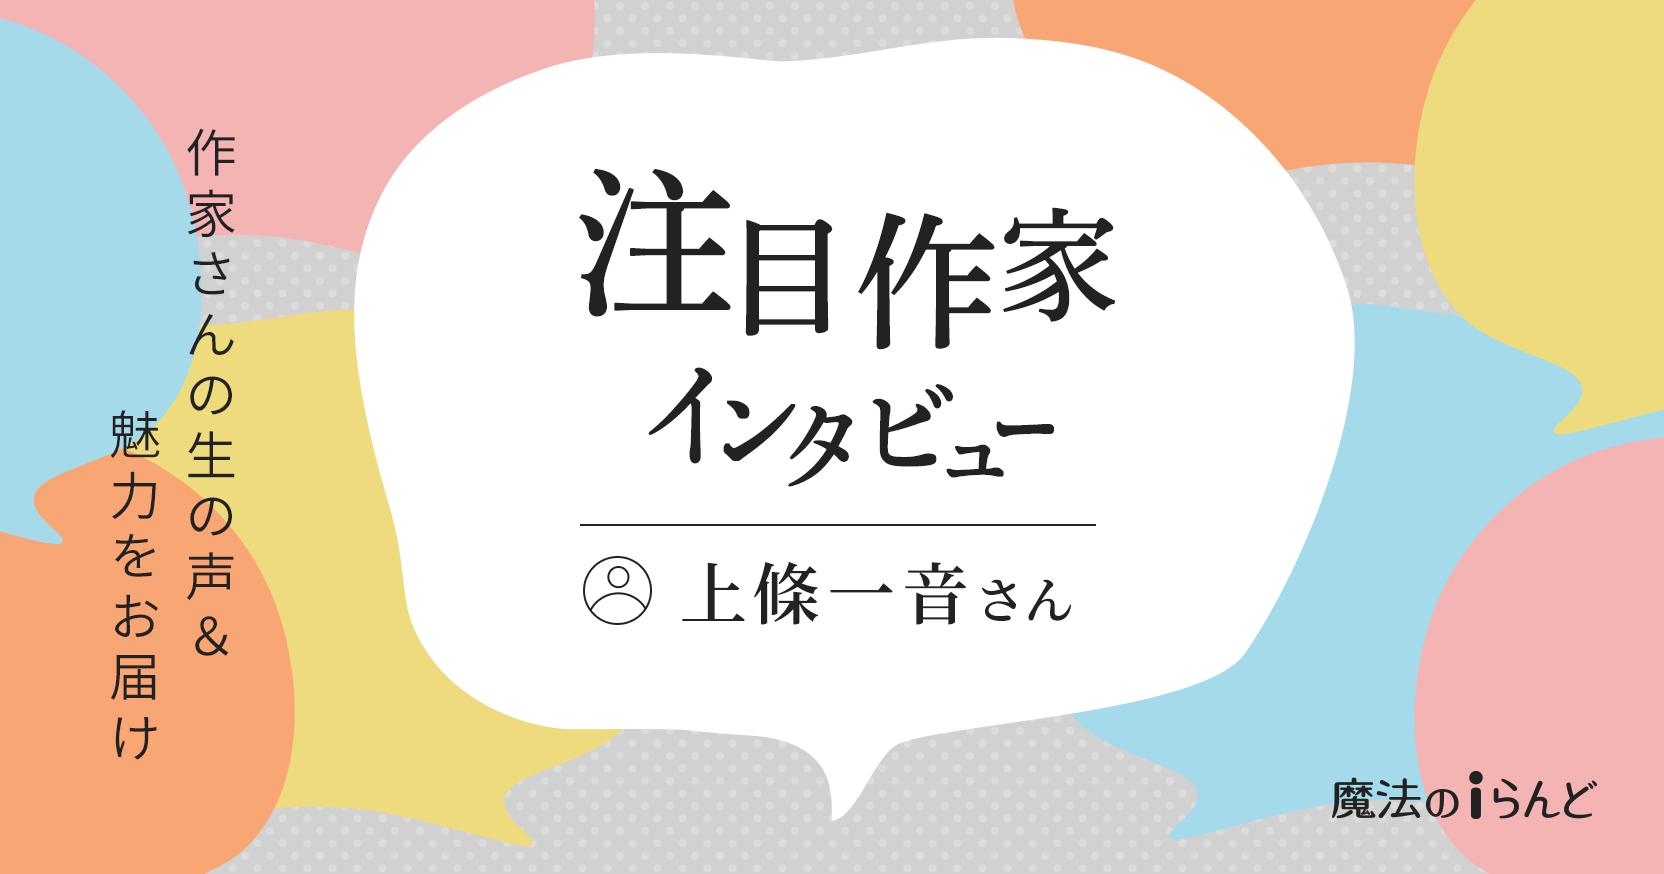 https://storage.googleapis.com/blog-info/entry/2020/10/interview_ogp_kamijo10.png